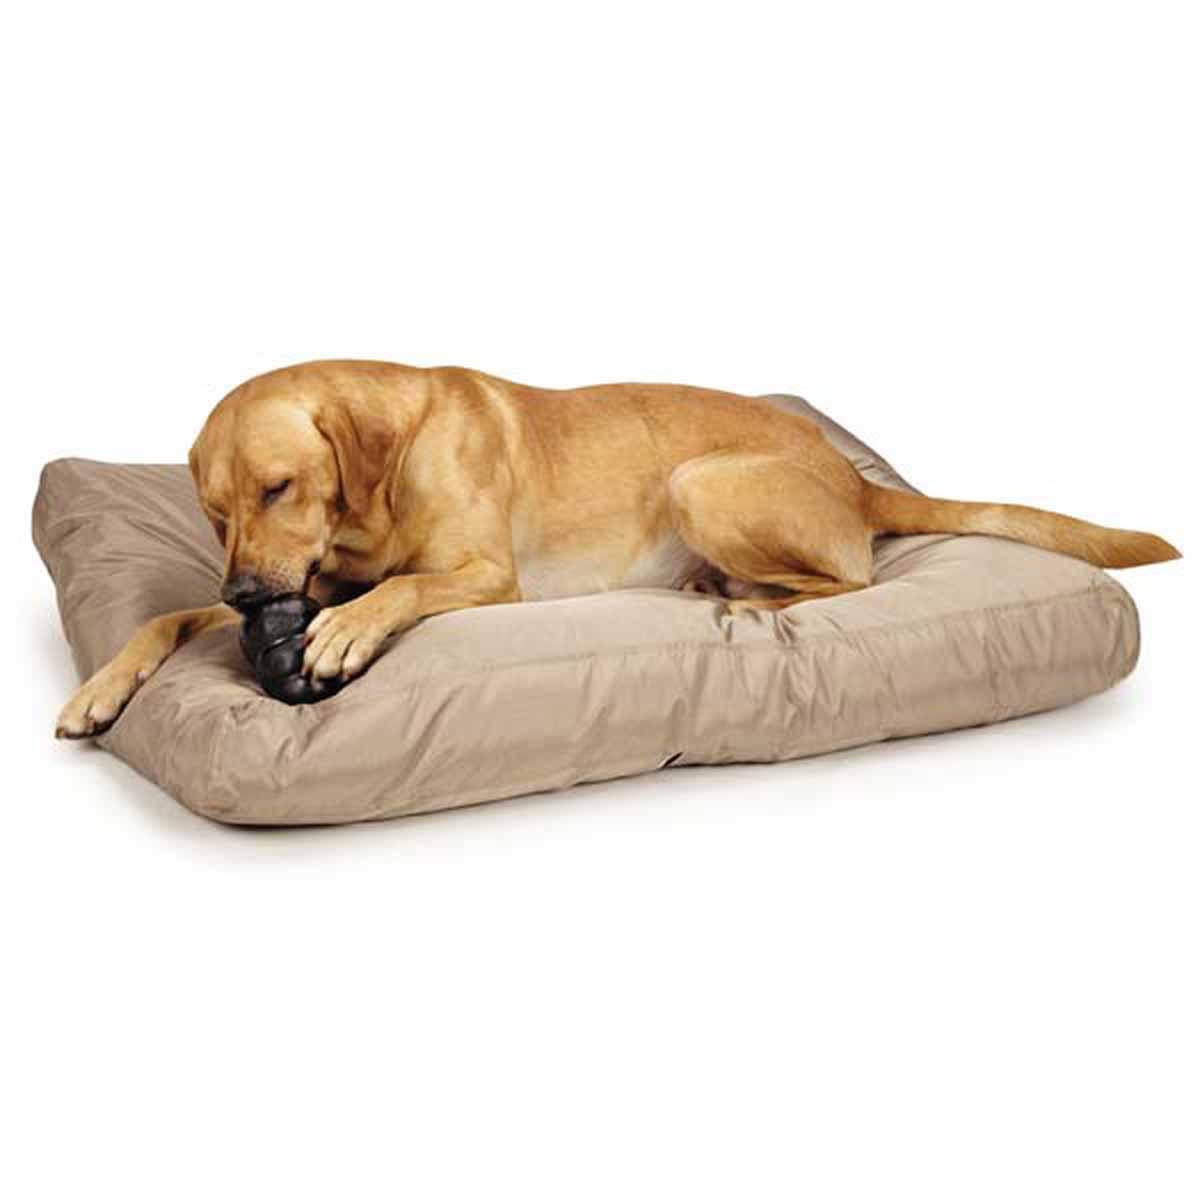 Slumber Pet MegaRuffs Dog Bed - Brown